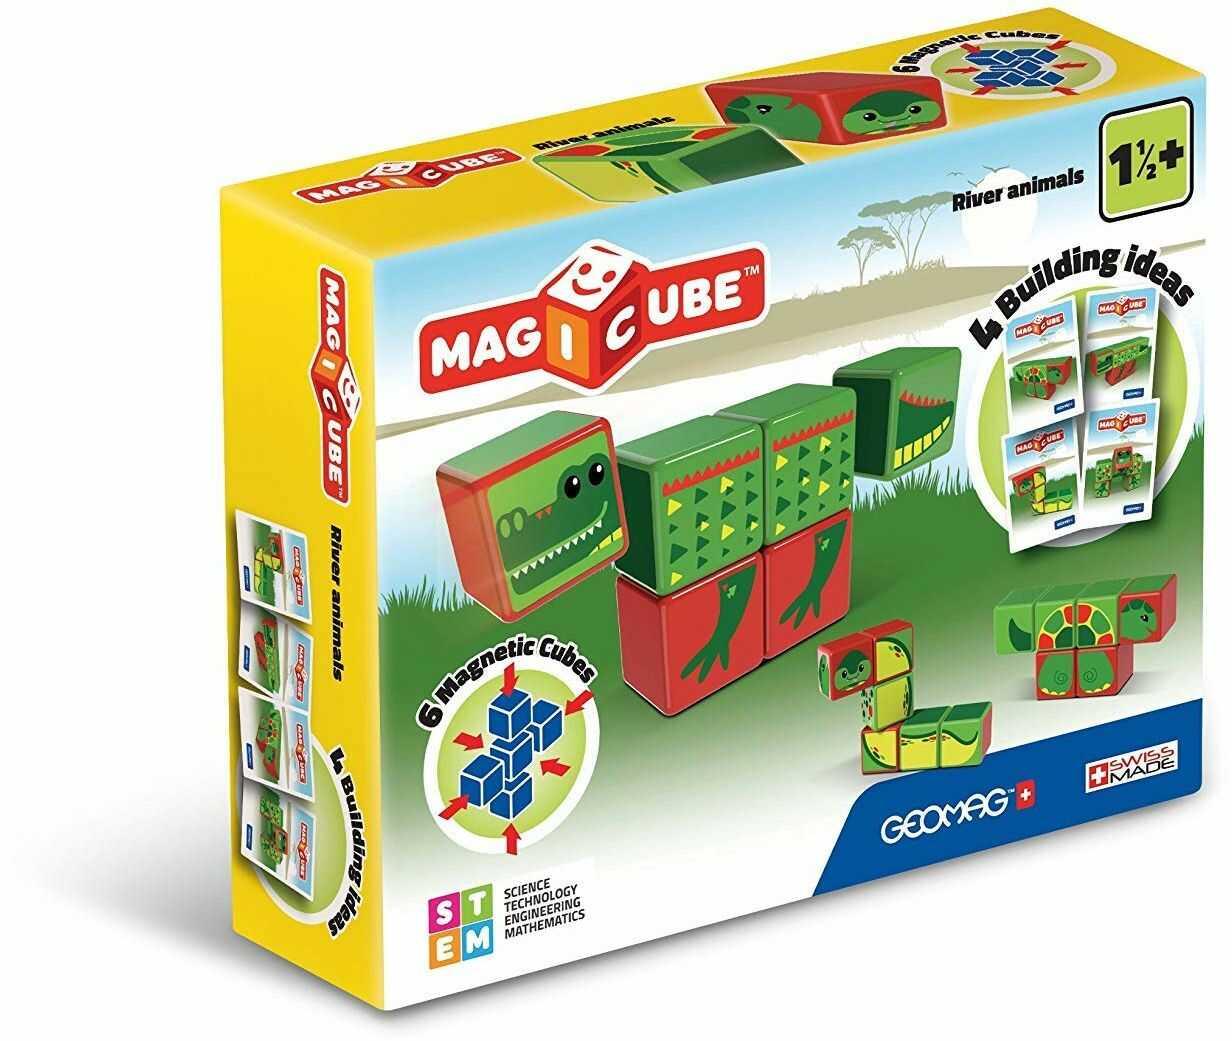 Geomag 133 Magicube River Animals kostki magnetyczne do konstrukcji, zabawki edukacyjne